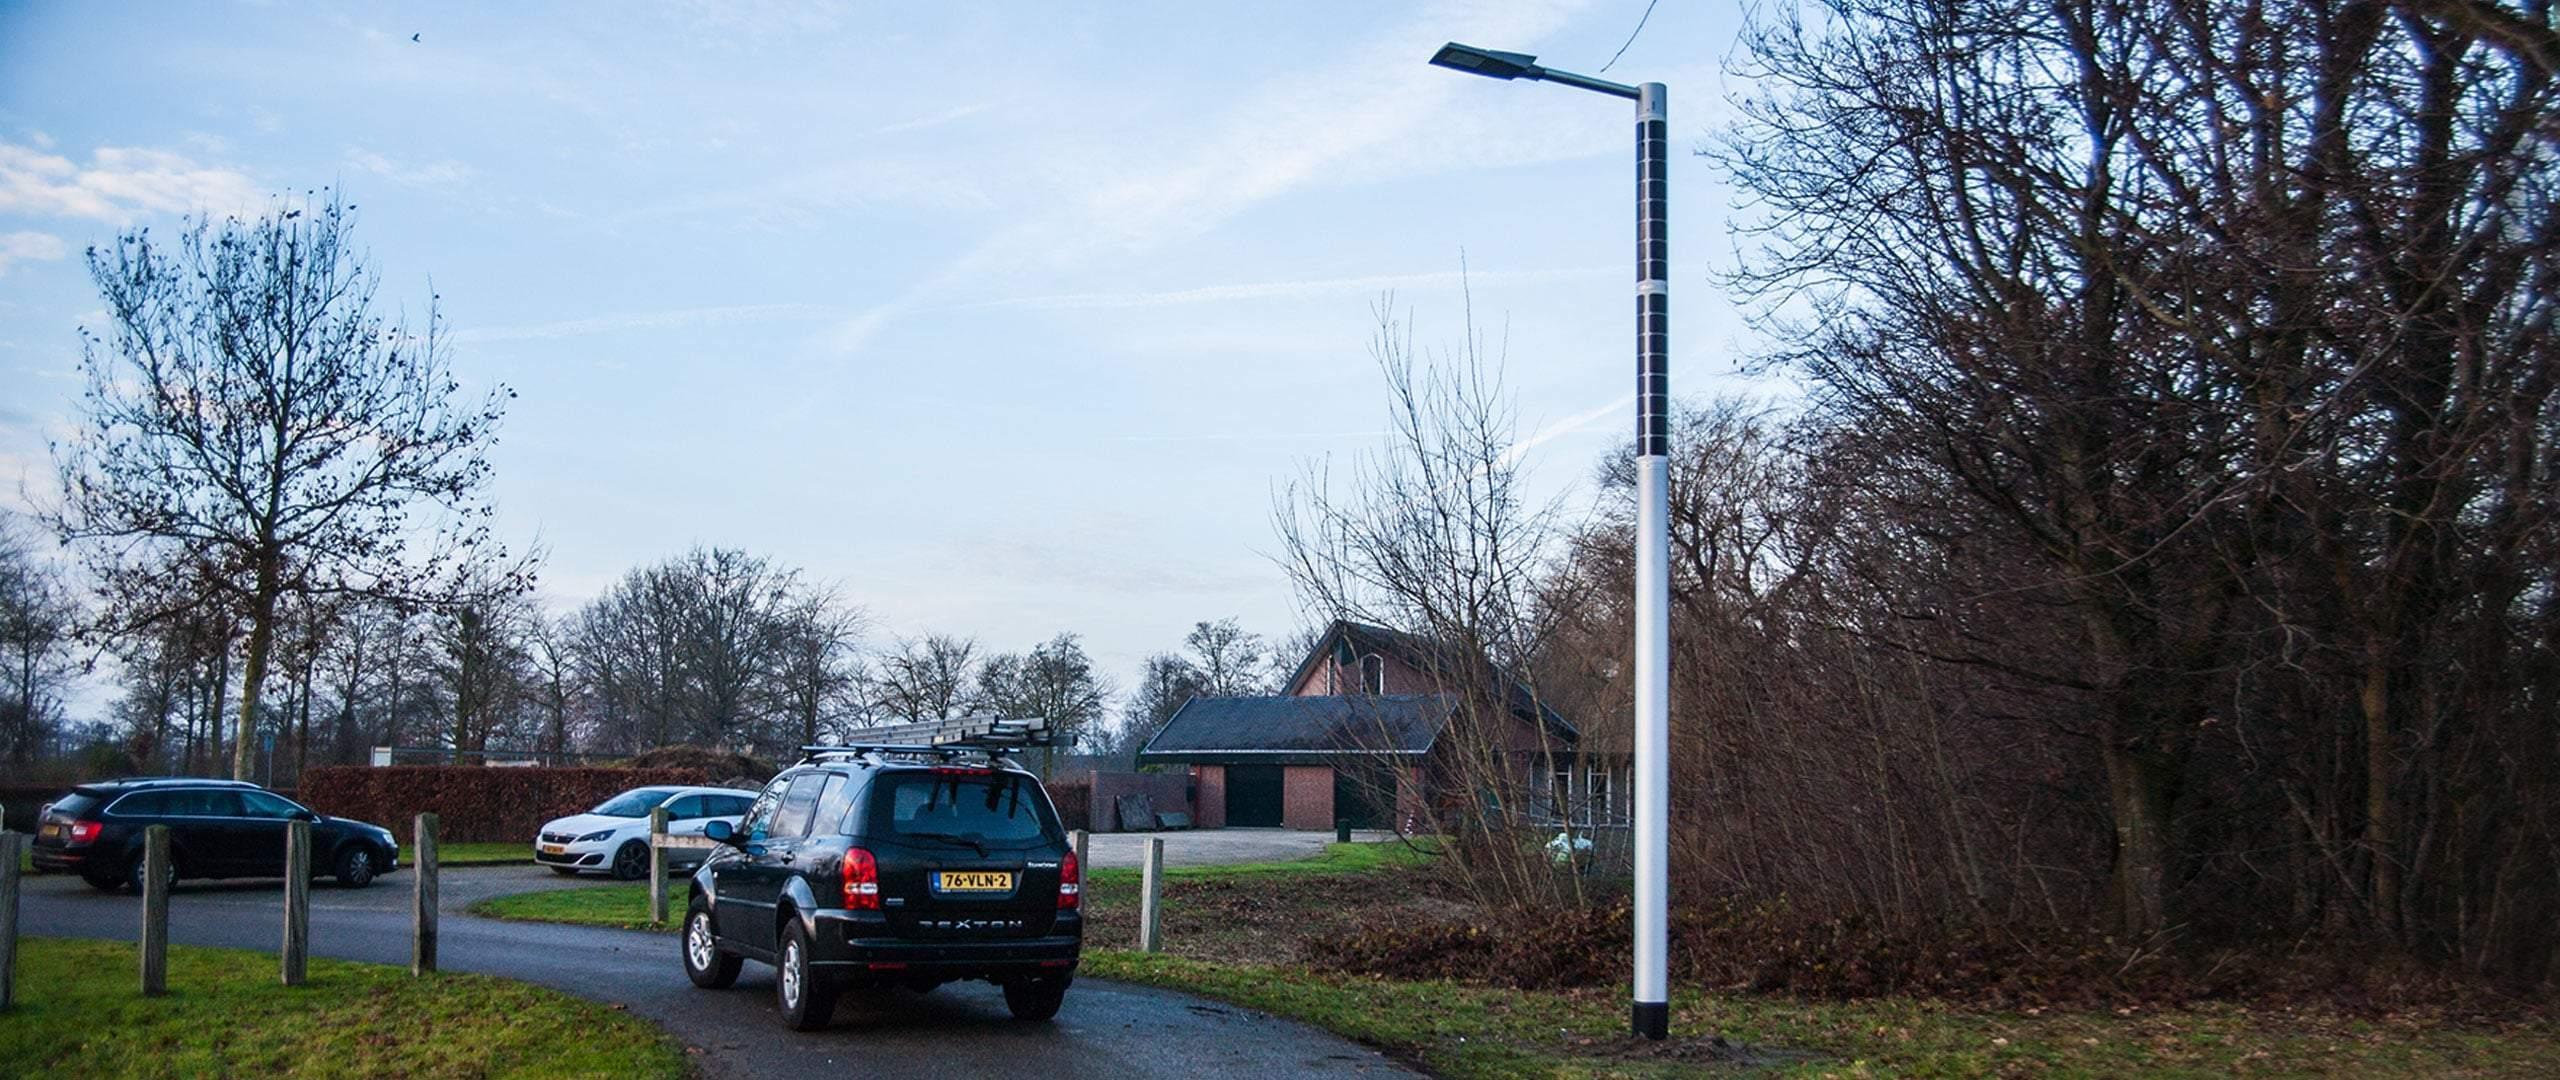 Poste de luz solar -Soluxio Grid alumbrado público solar carretera